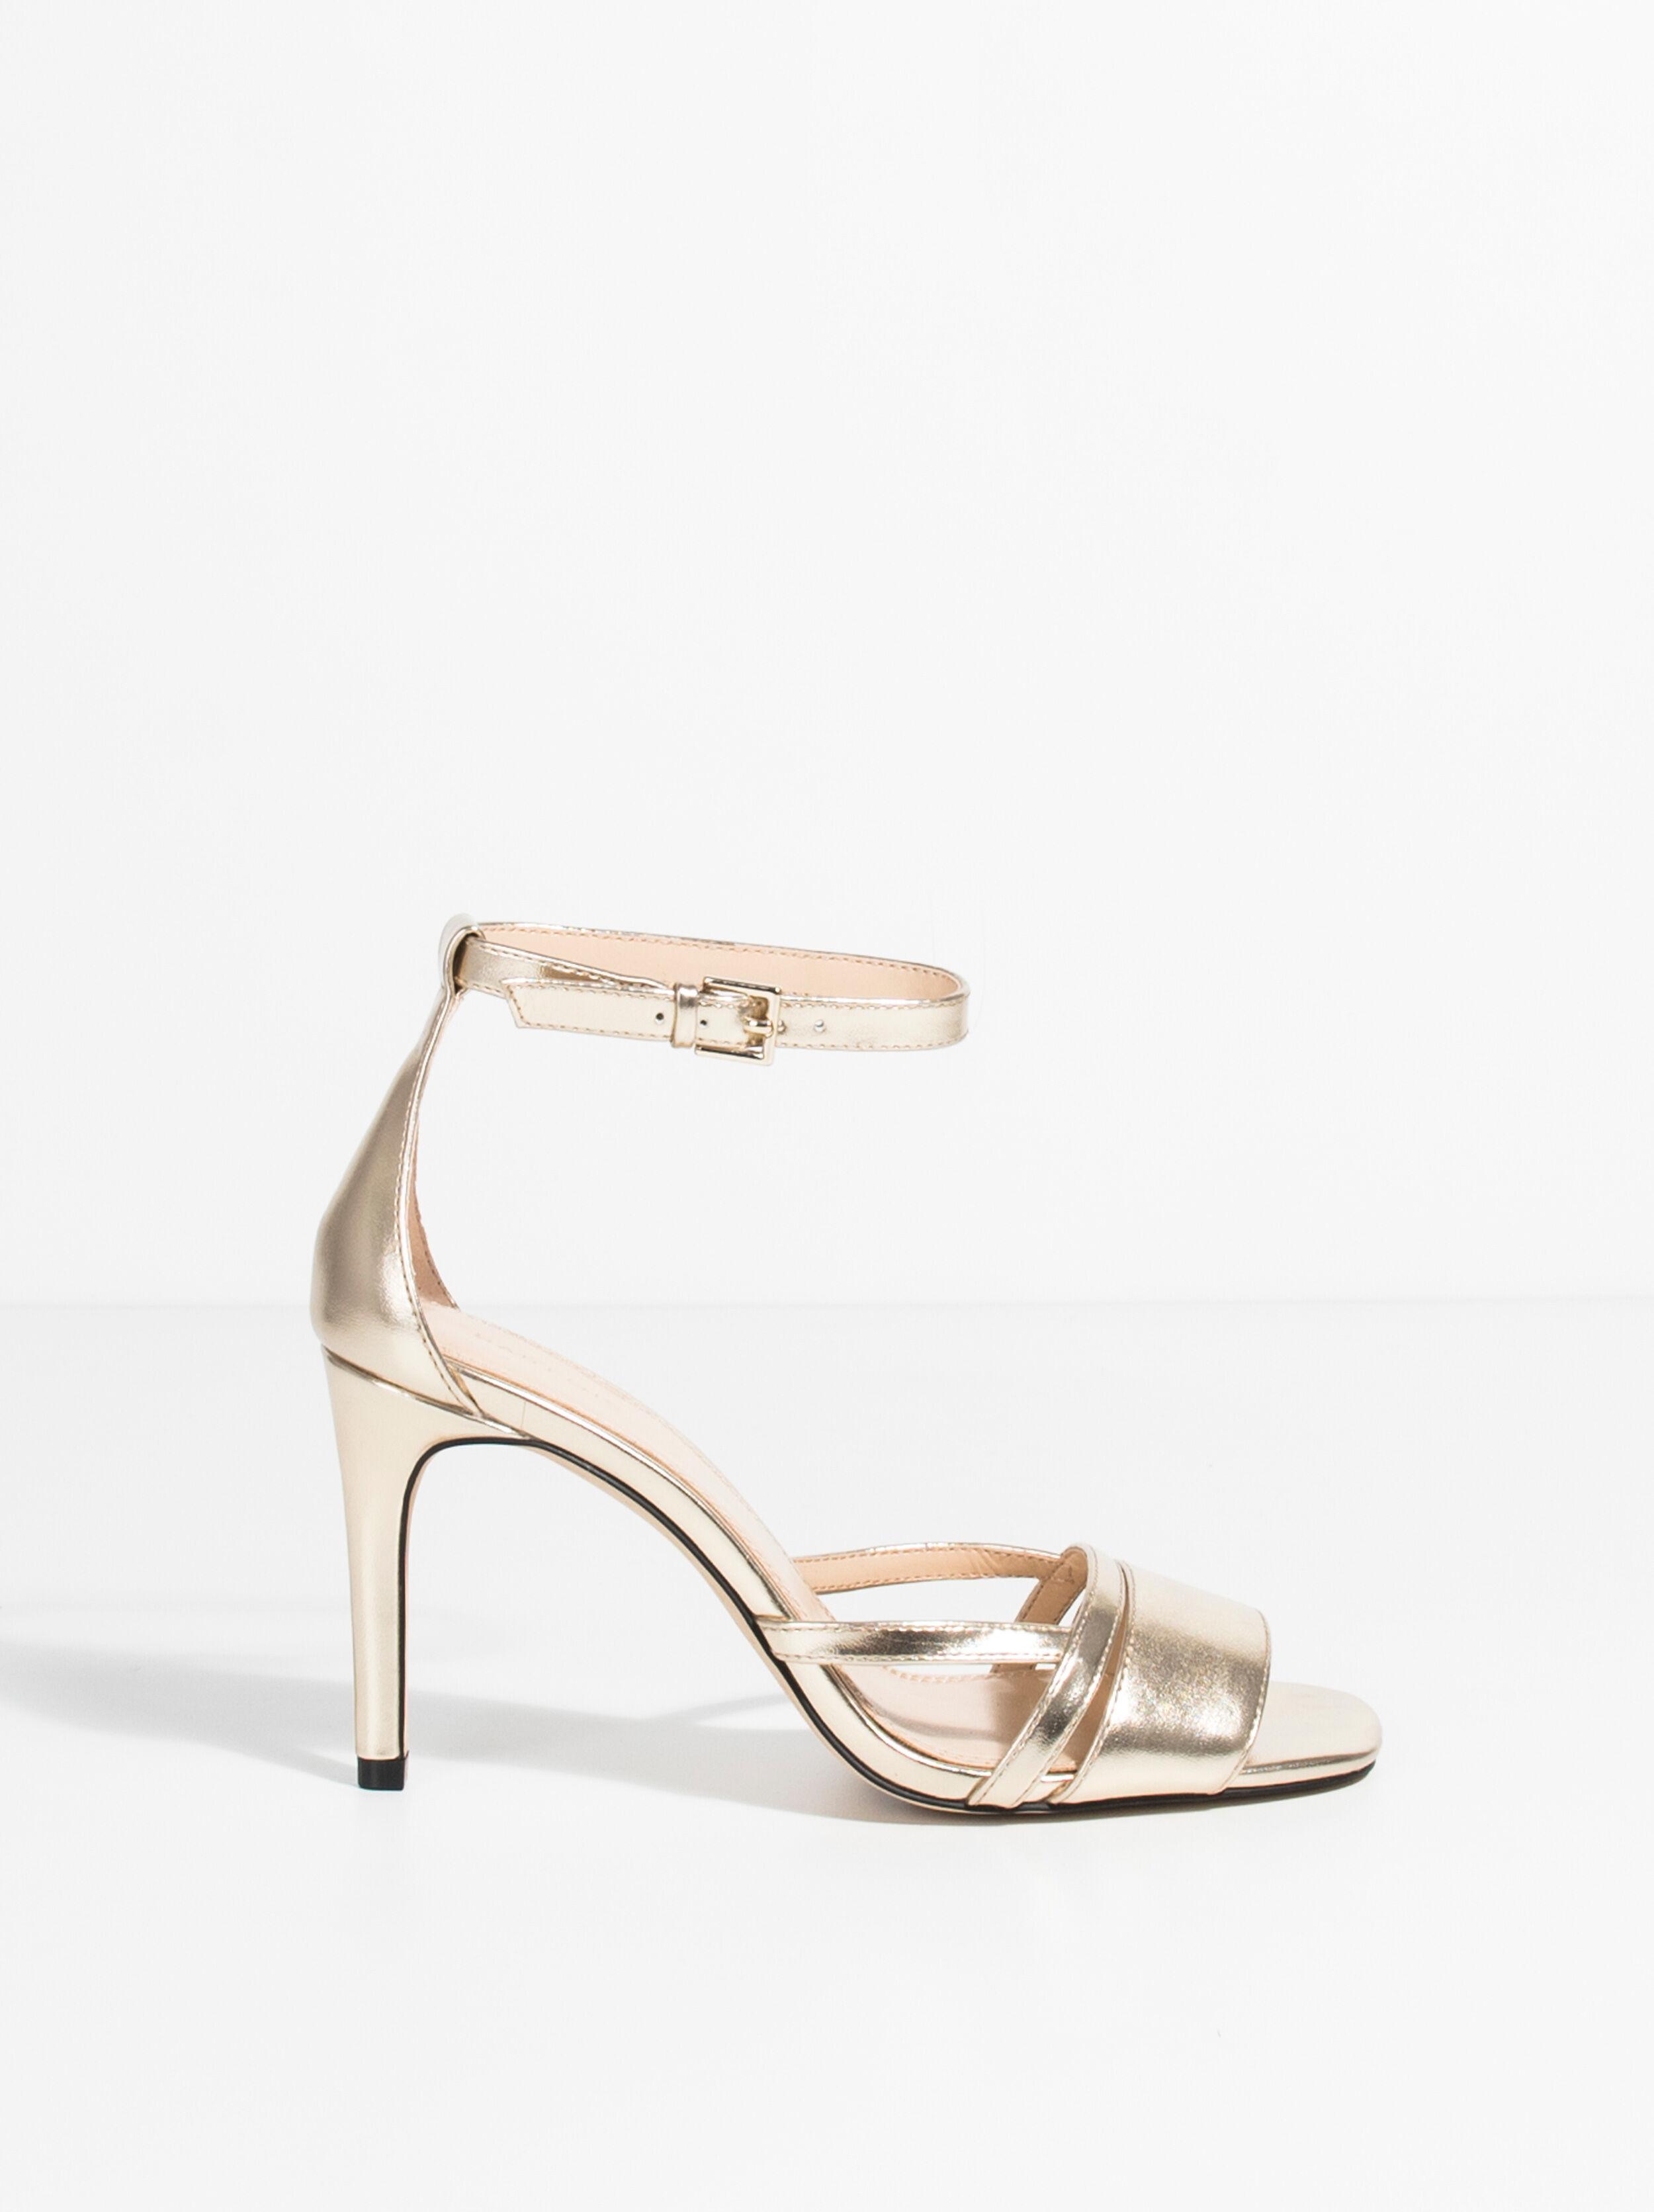 PARFOIS Sandals - gold uENKUhmE